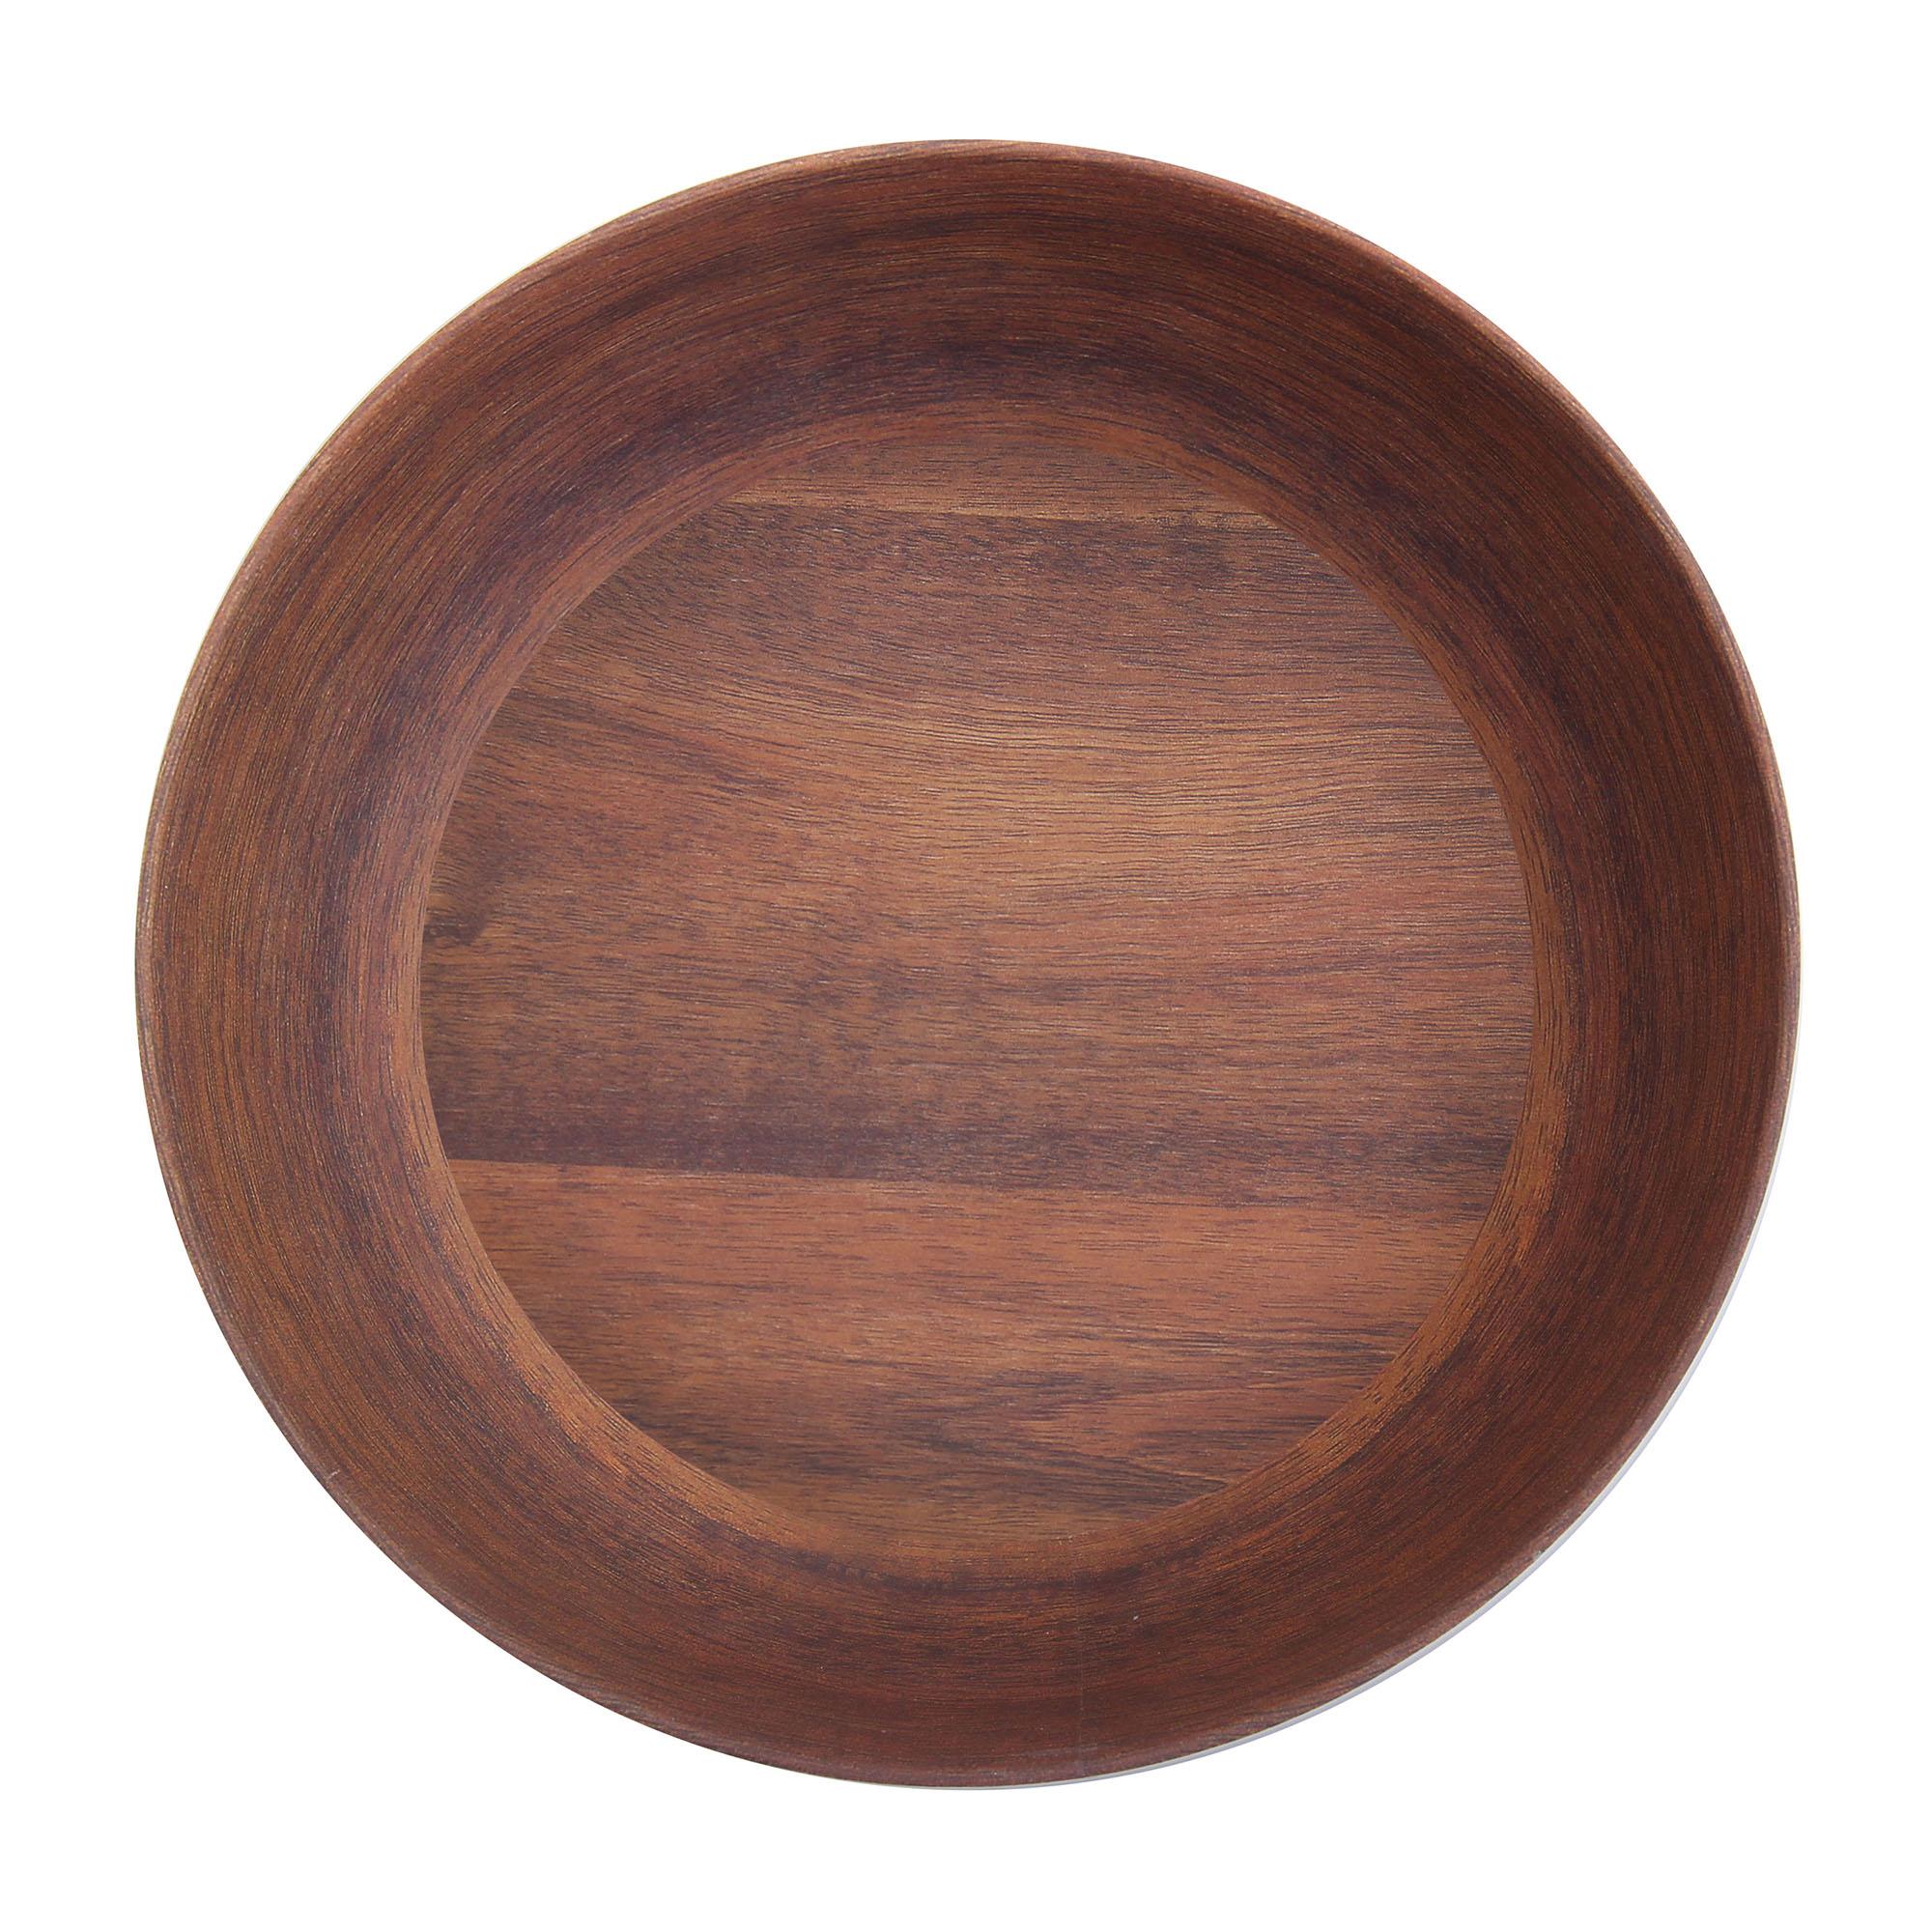 Better Homes & Gardens Set of 4 Acacia Melamine Cereal Bowl